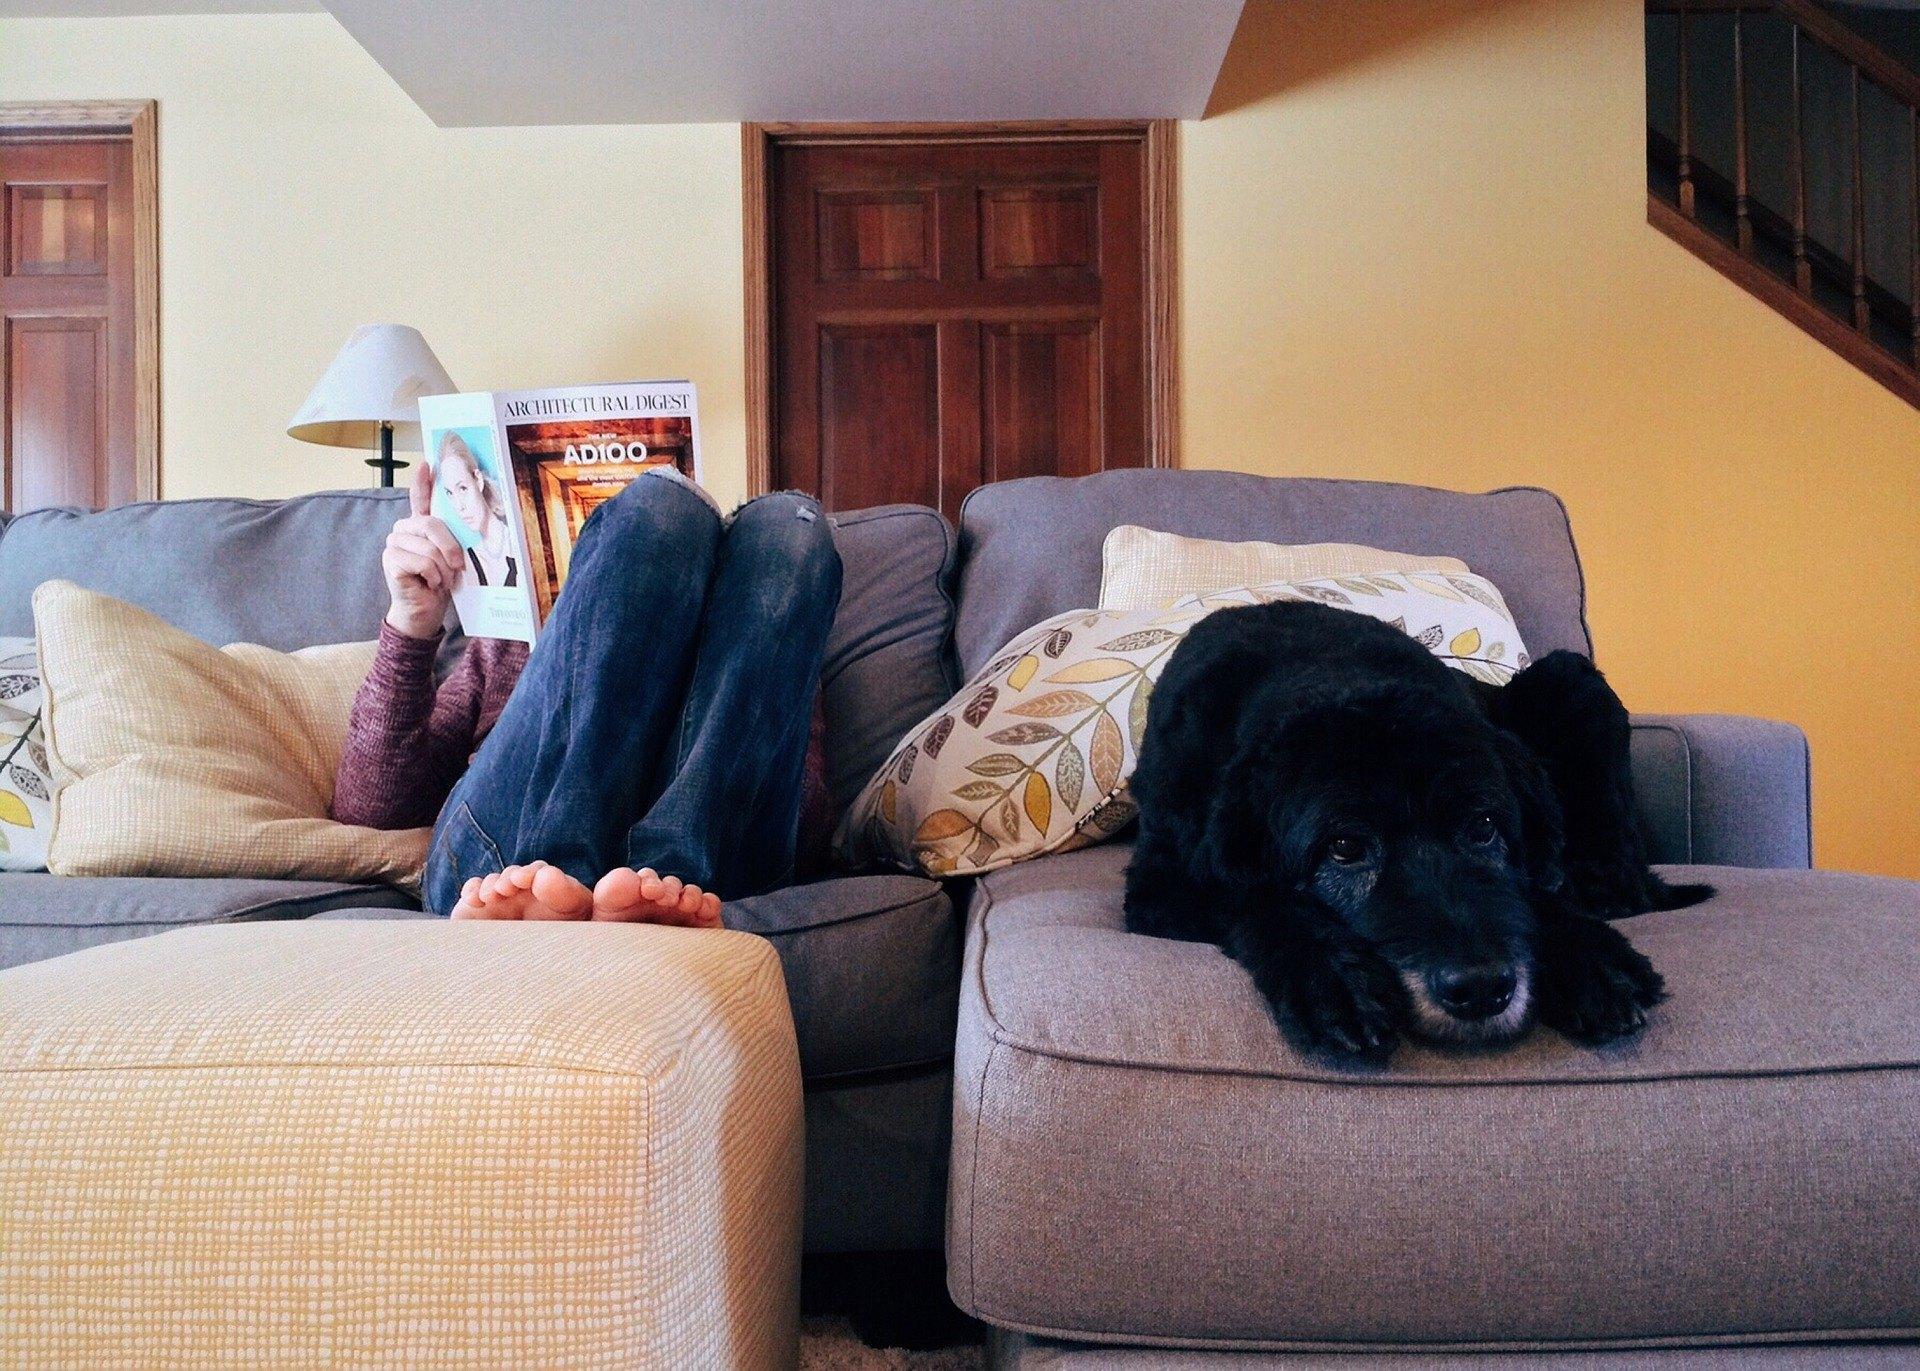 Separačná úzkosť u psa je komplex správania, ktorý sa prejavuje úzkosťou, keď je domáce zviera ponechané doma.